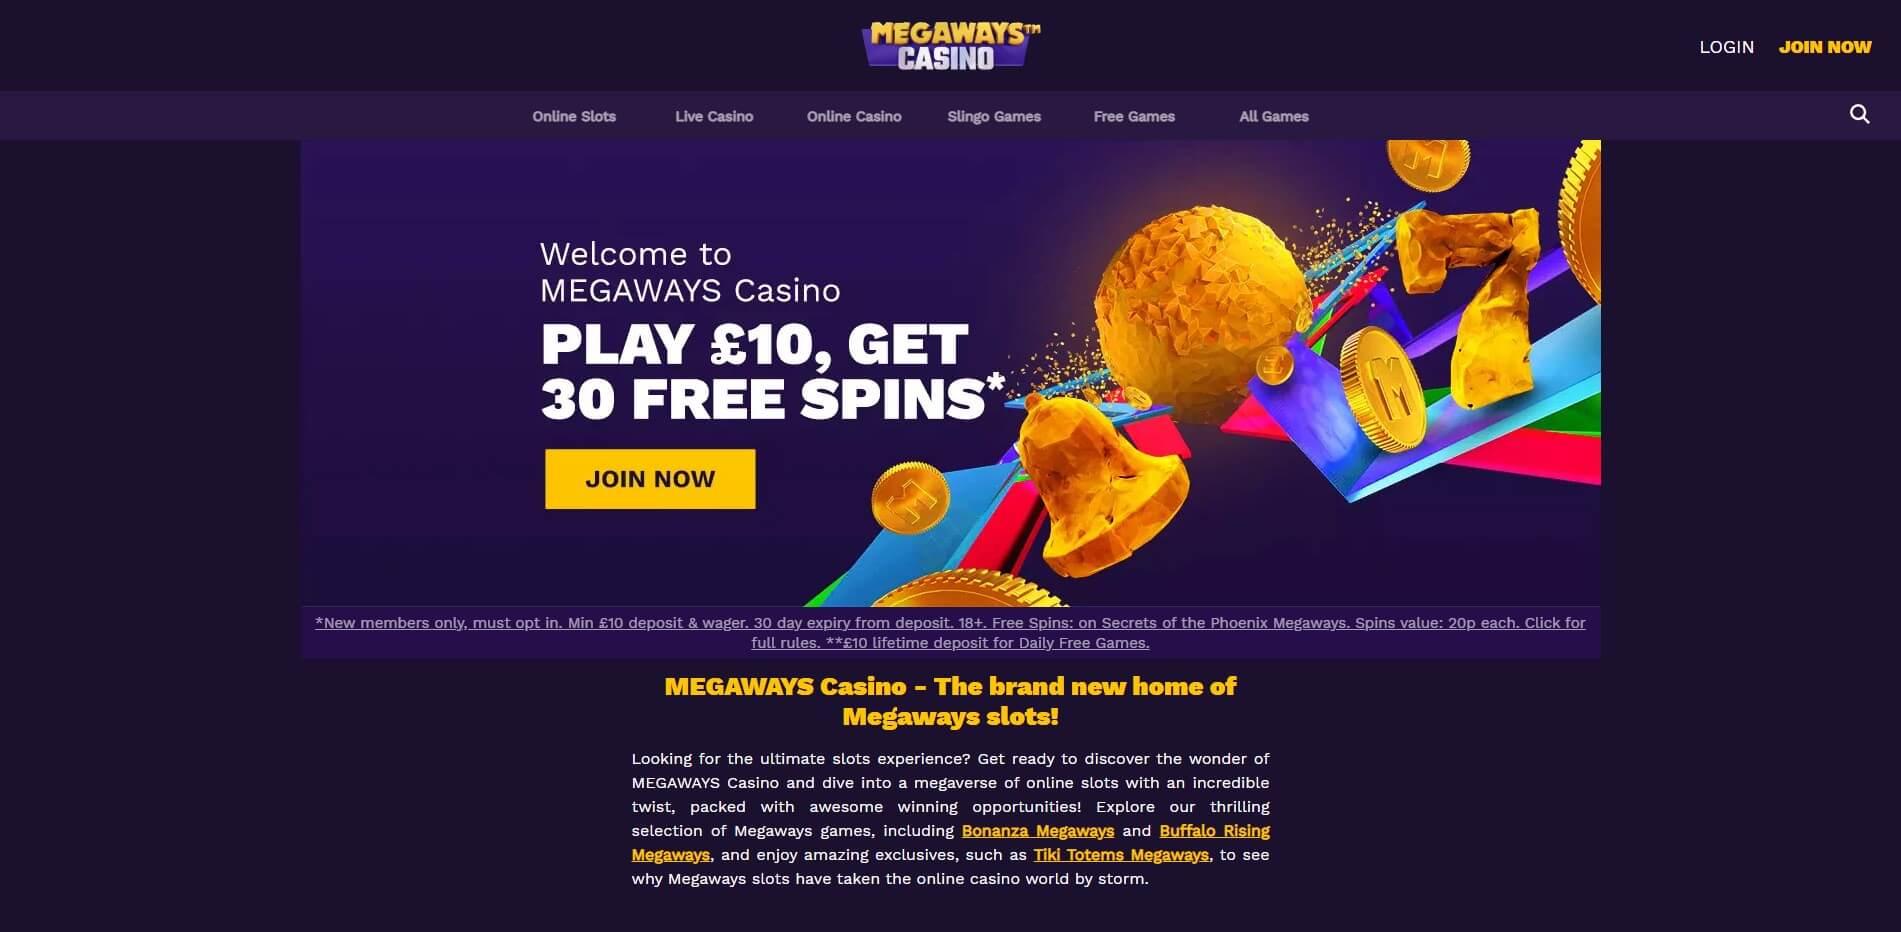 megawayscasino.com - Website Review